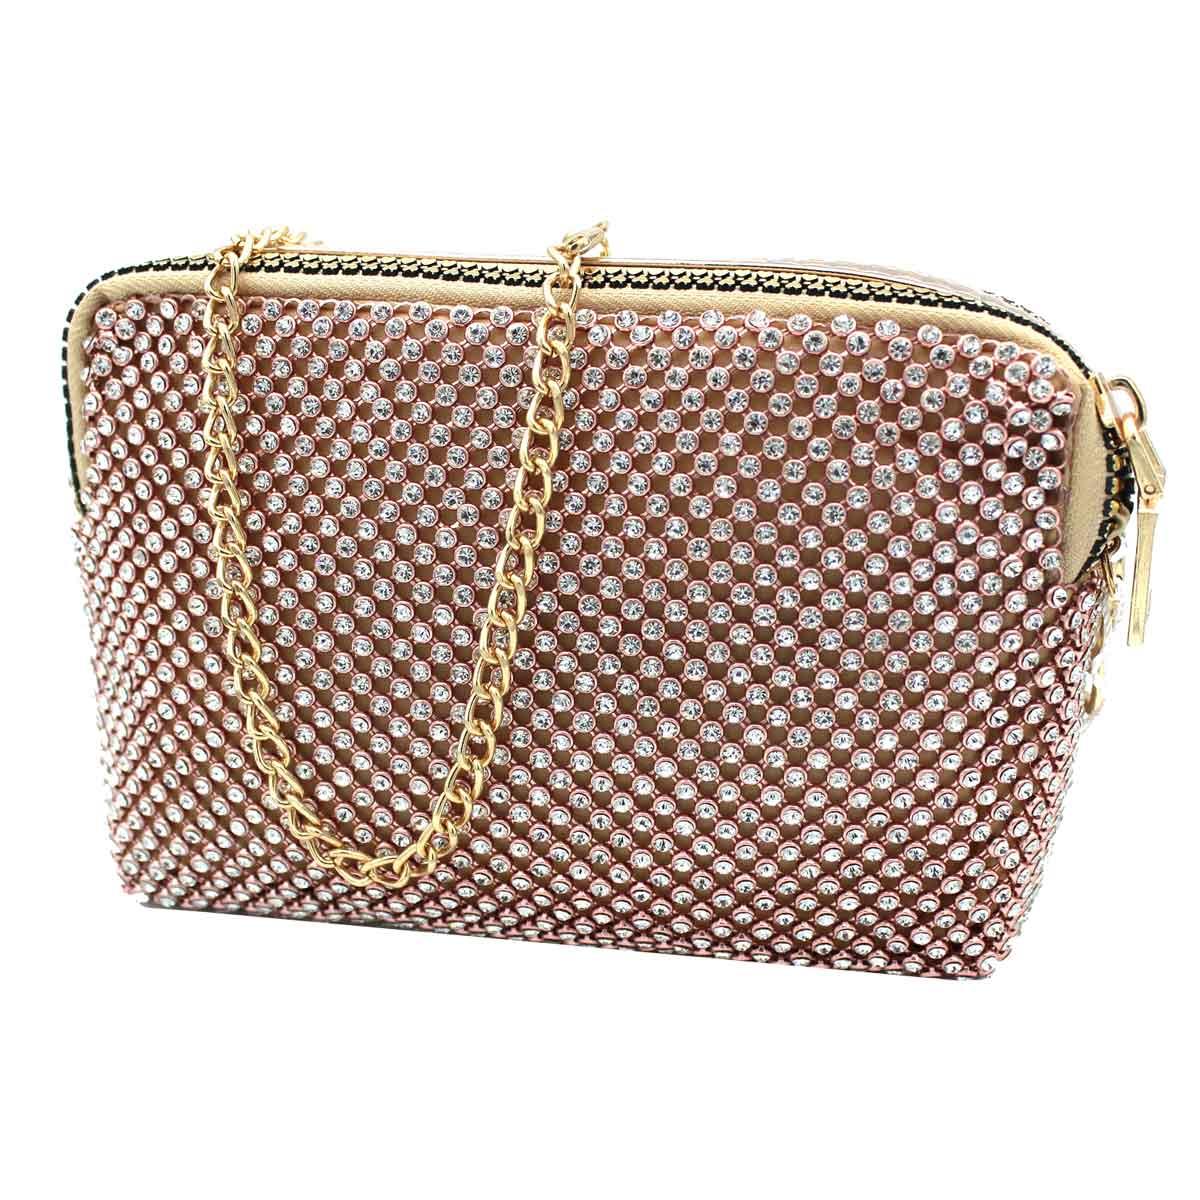 cf6ee2c679 Borsetta donna borsa clutch con strass da sera cerimonia Michelle moon  v4098 cha